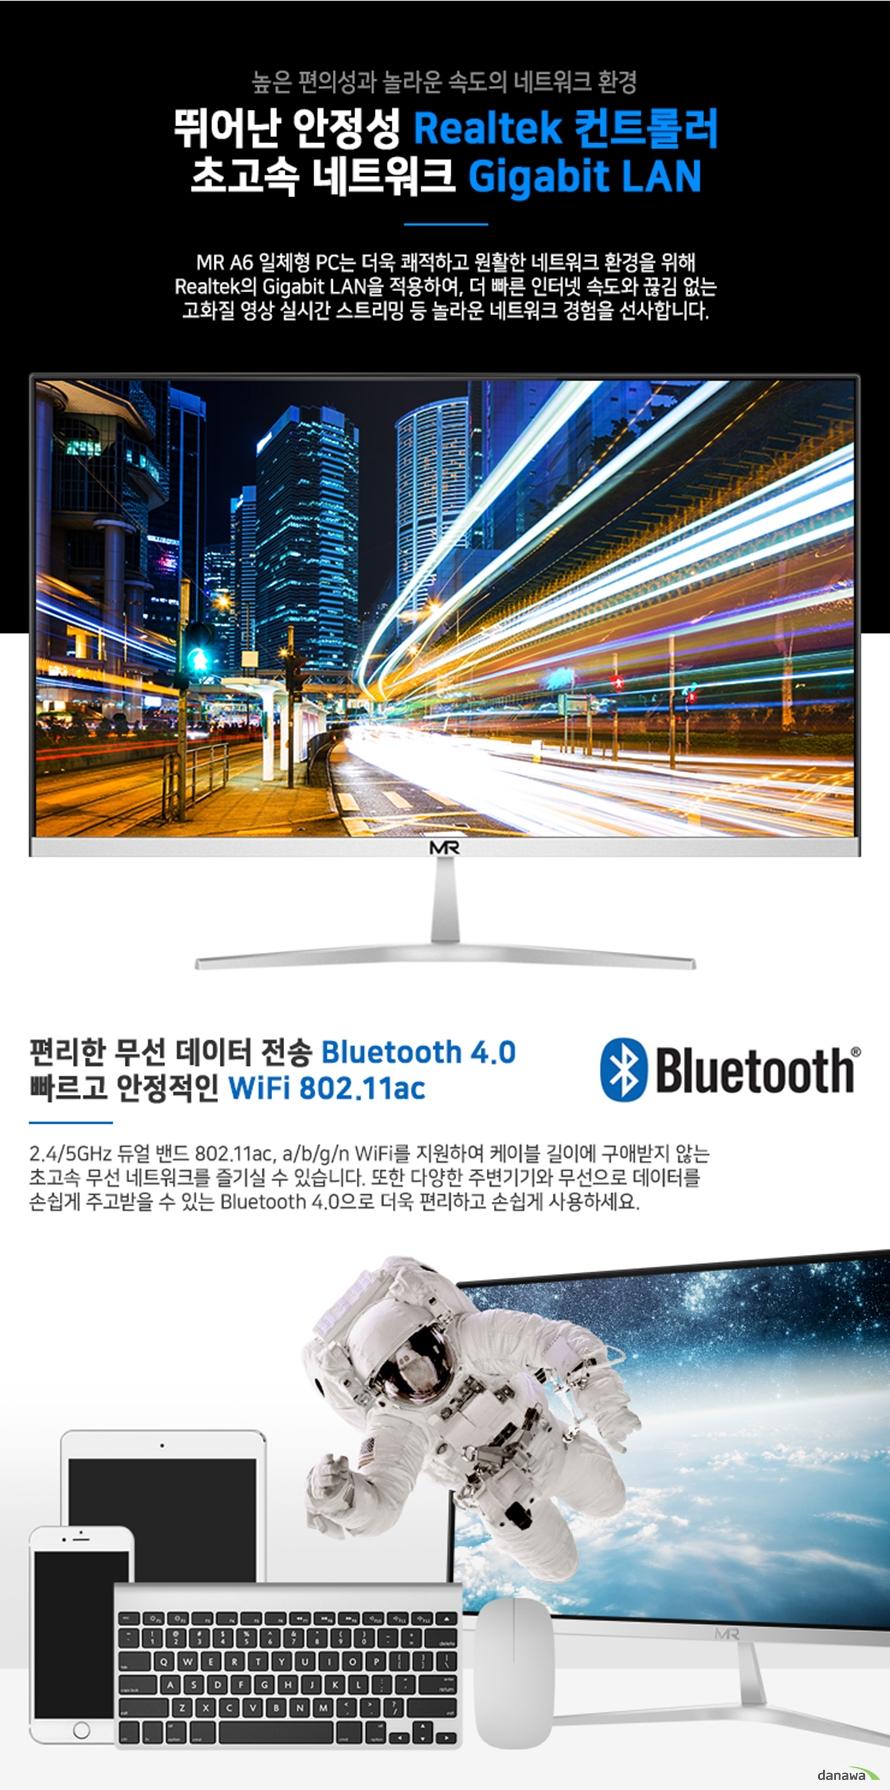 MR A6 일체형 PC는 더욱 쾌적하고 원활한 네트워크 환경을 위해 Realtek의 Gigabit LAN을 적용하여, 더 빠른 인터넷 속도와 끊김 없는 고화질 영상 실시간 스트리밍 등 놀라운 네트워크 경험을 선사합니다.